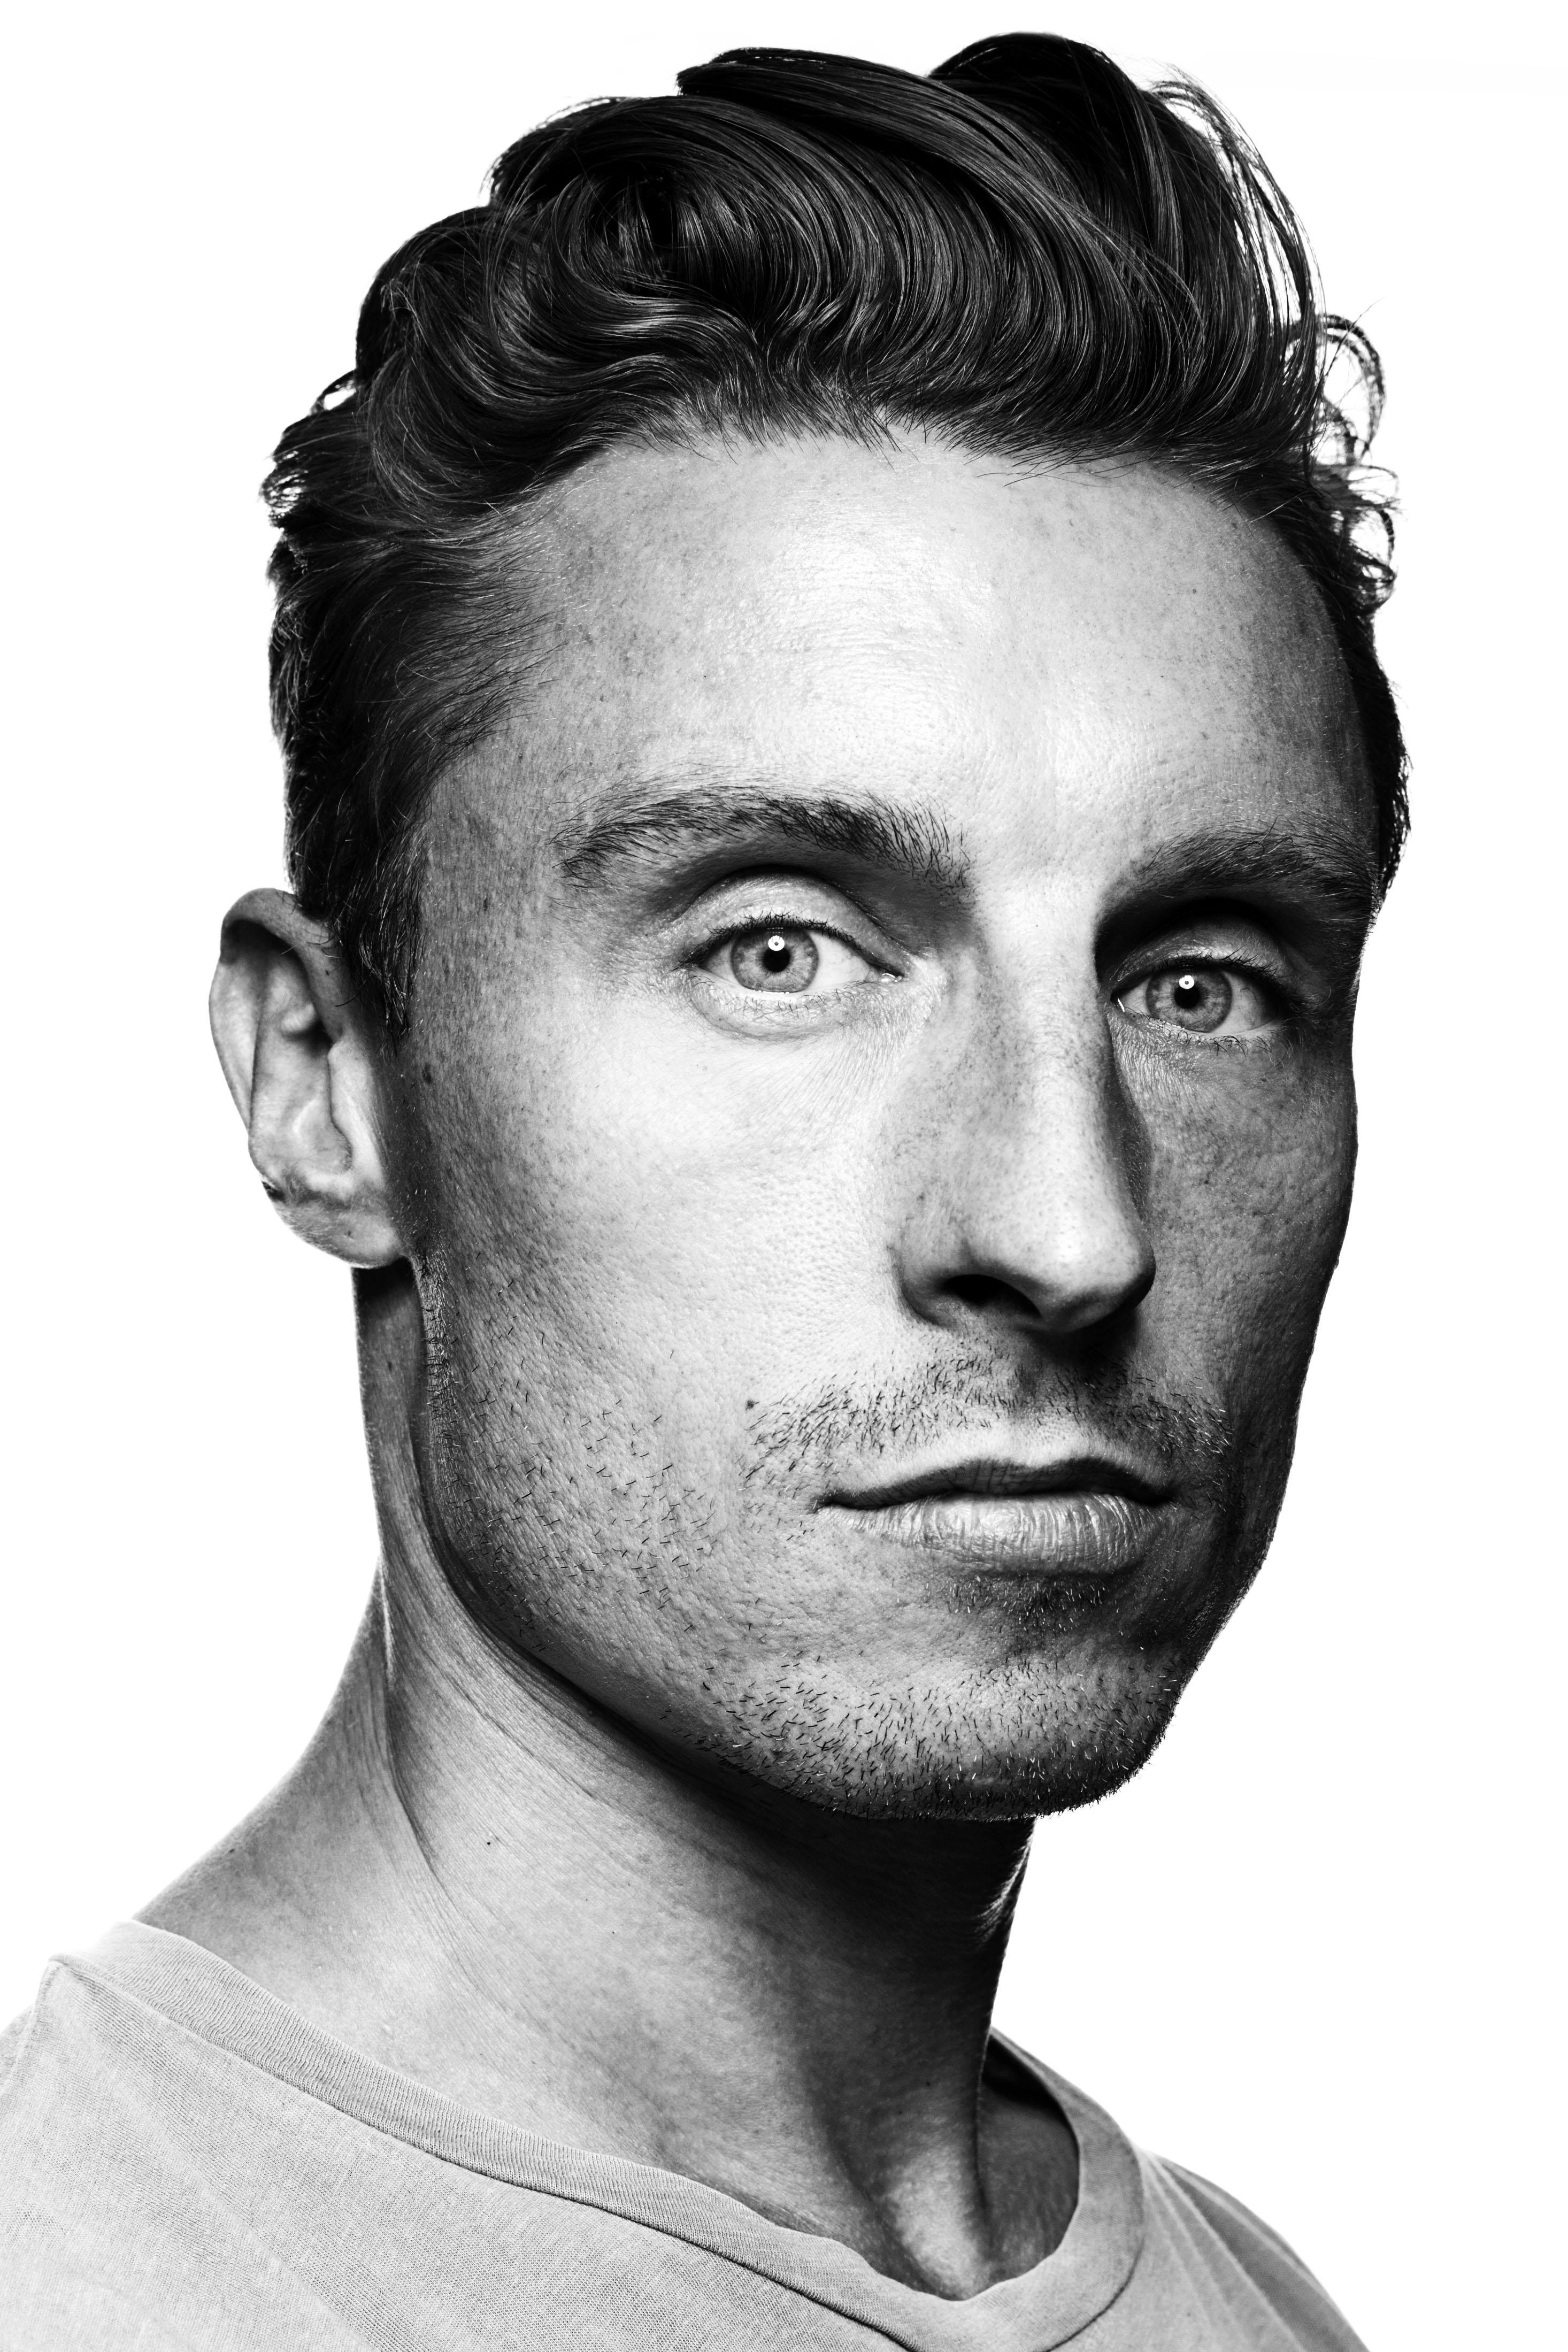 Daniel Cerman-Benvenuto, 37, Außenhandelskaufmann